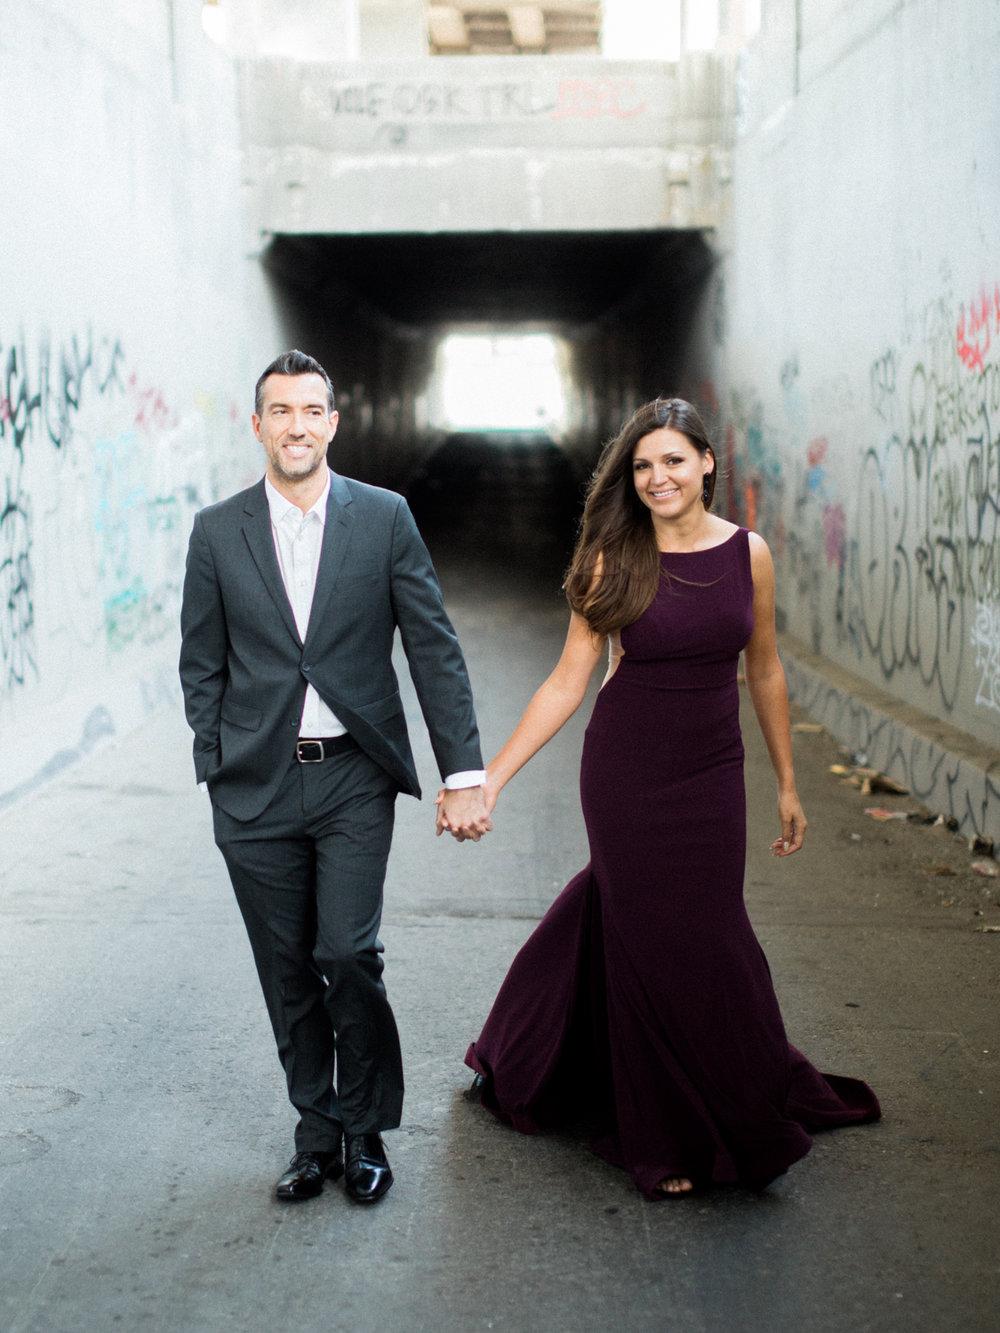 DennisRoyCoronelPhotography_ChantePaul_Engagement-57.jpg